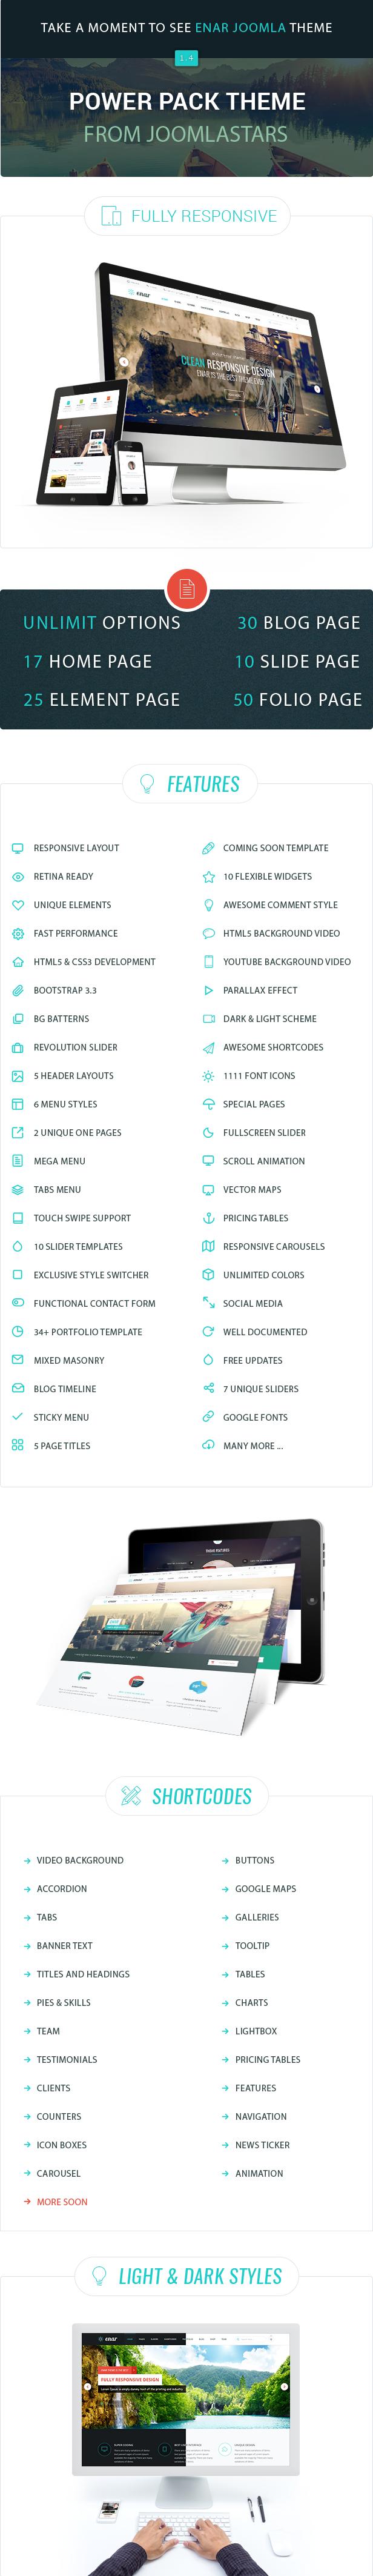 Details - Enar - Responsive Multi-Purpose Joomla Template